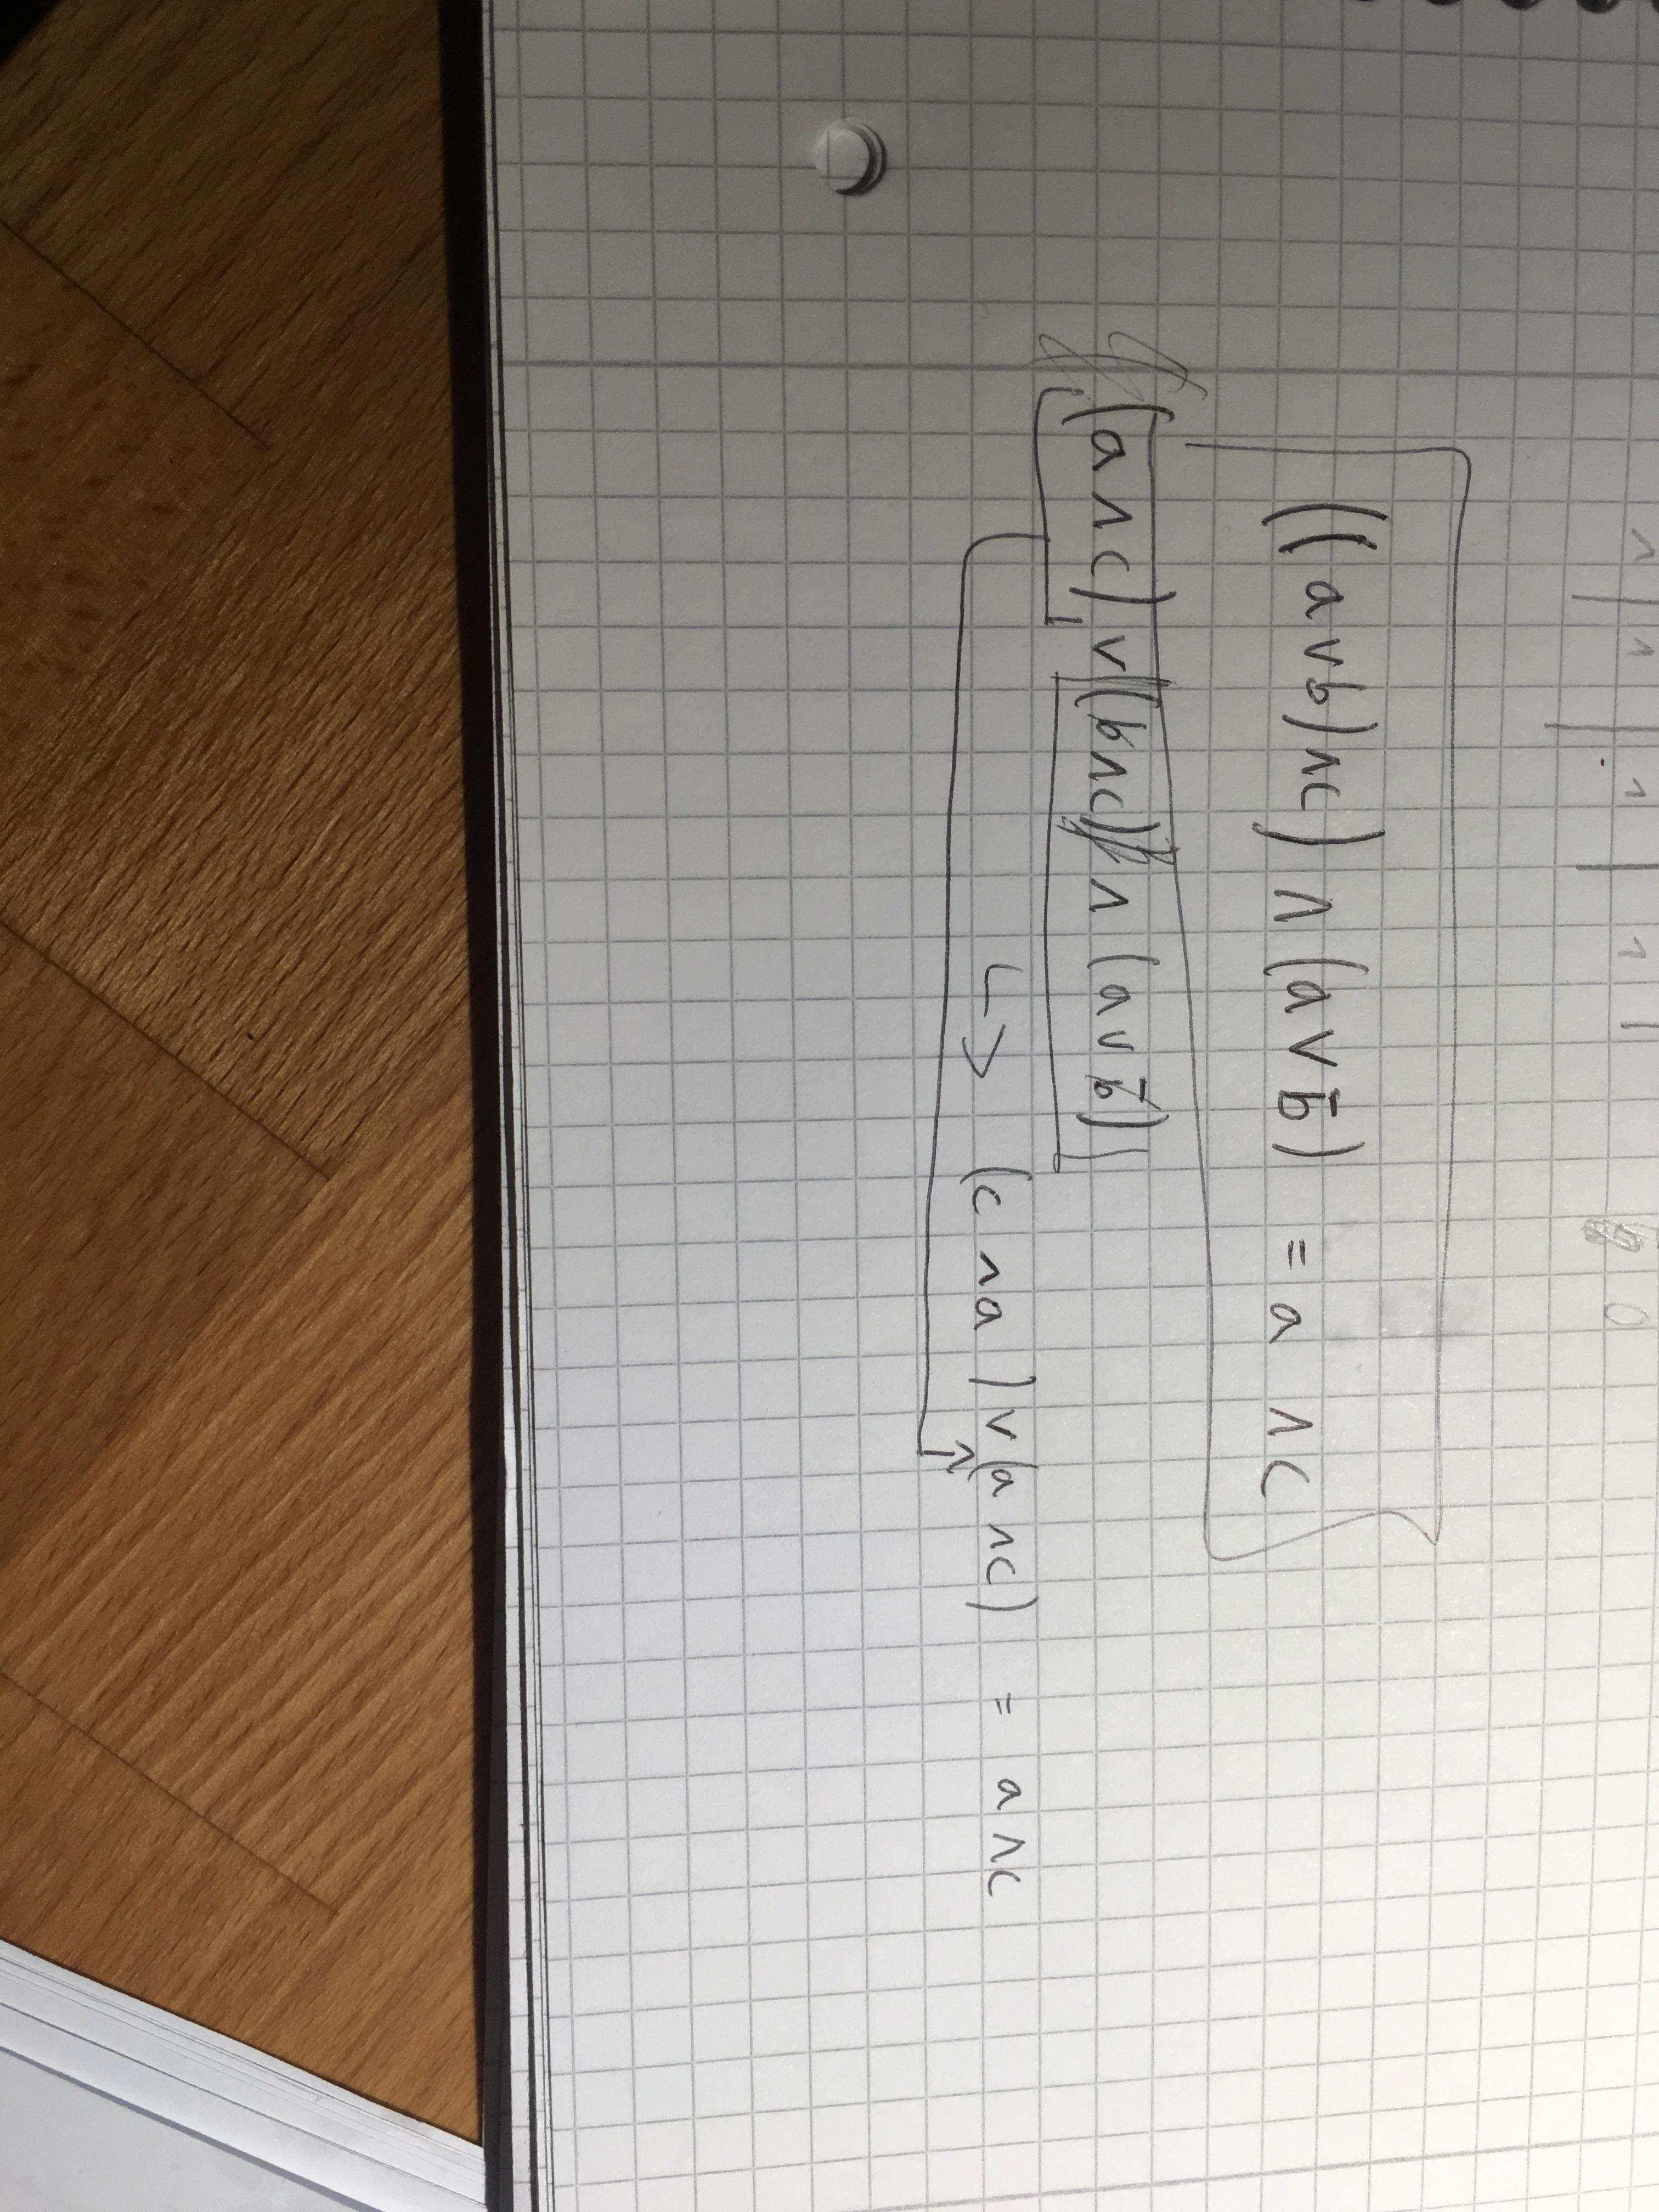 Boolsche Algebra Vereinfachen So Richtig Computer Schule Mathematik